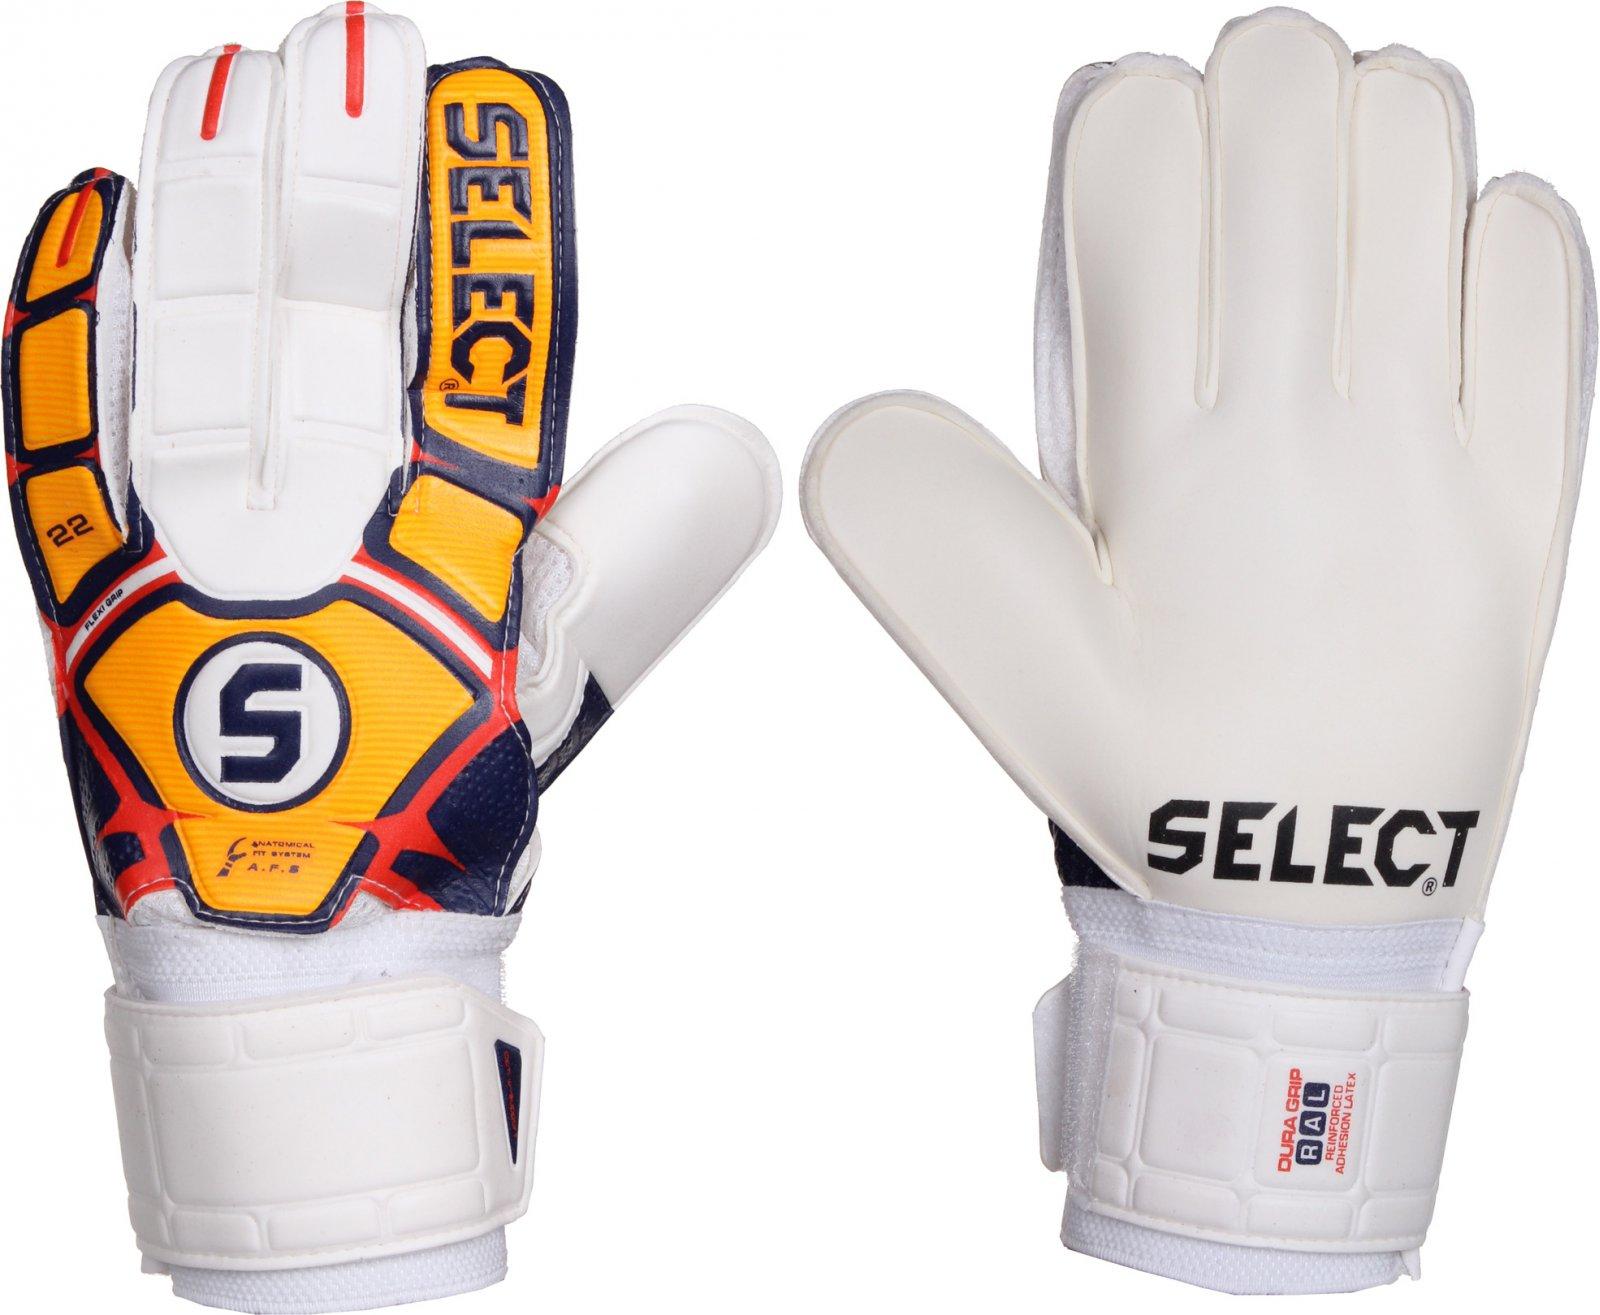 8f0c5b475 Select 22 Flexi Grip bílé/oranžové od 465 Kč | Zboží.cz